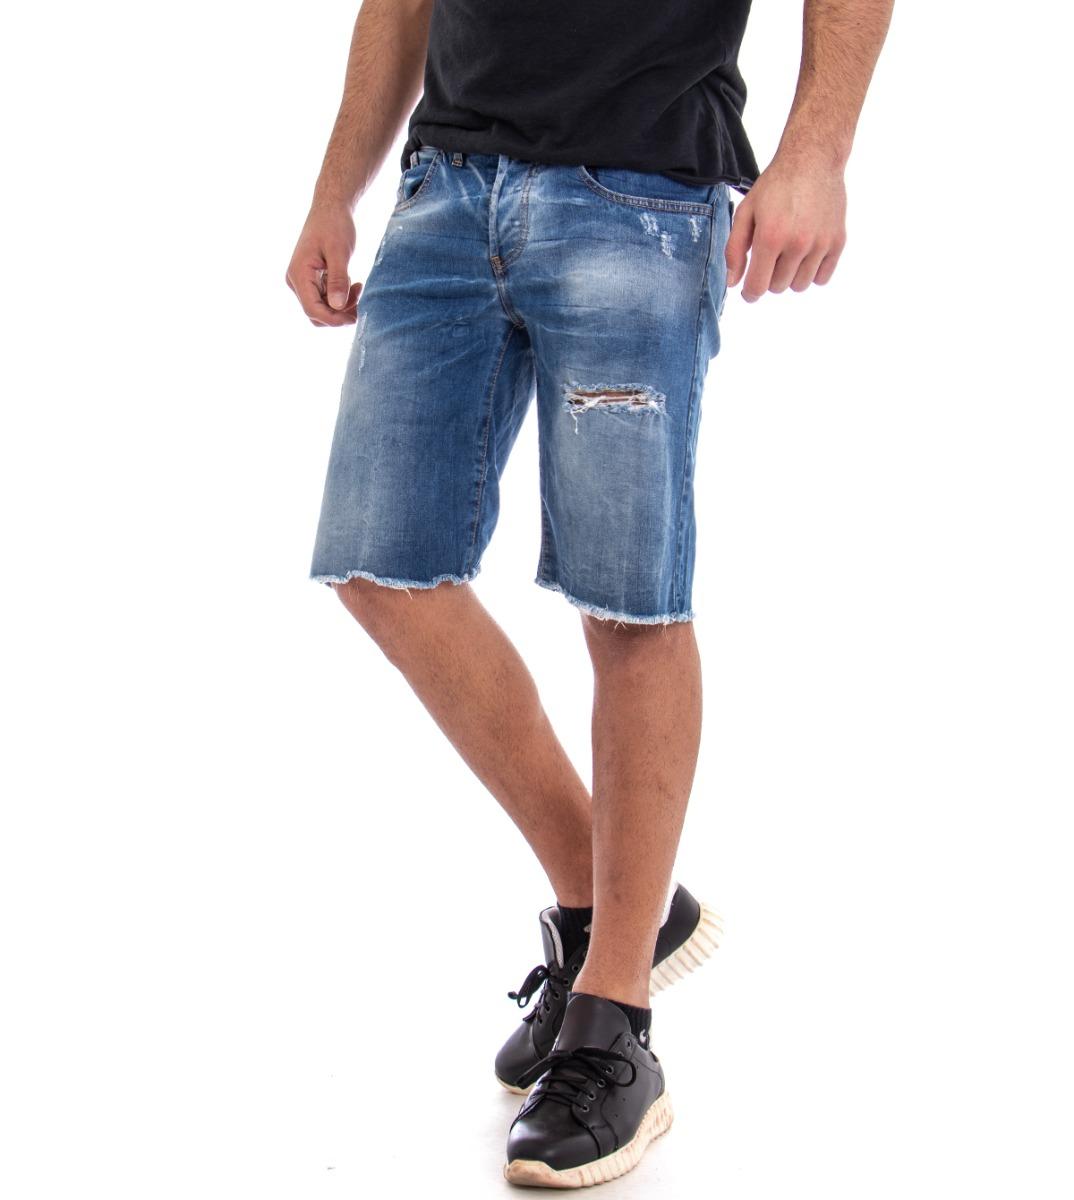 Pantaloncini Uomo Pantalone Corto Bermuda Jeans Denim Rotture Cinque Tasche G...